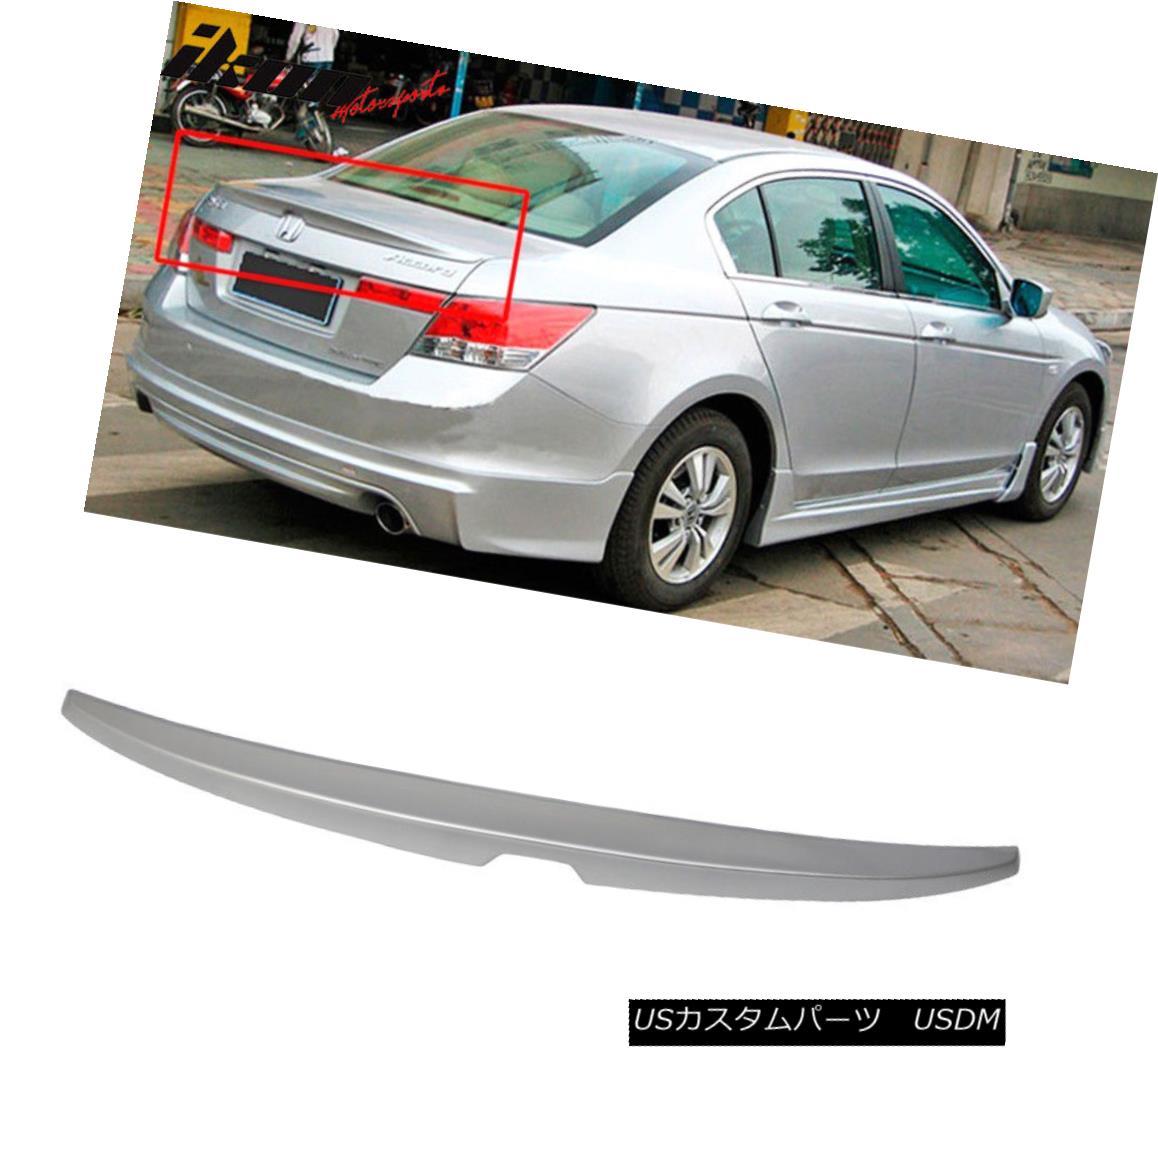 エアロパーツ Fits 08-12 Accord OE Factory Trunk Spoiler Painted Alabaster Silver Metallic フィット08-12アコードOE工場トランクスポイラー塗装アラバスターシルバーメタリック